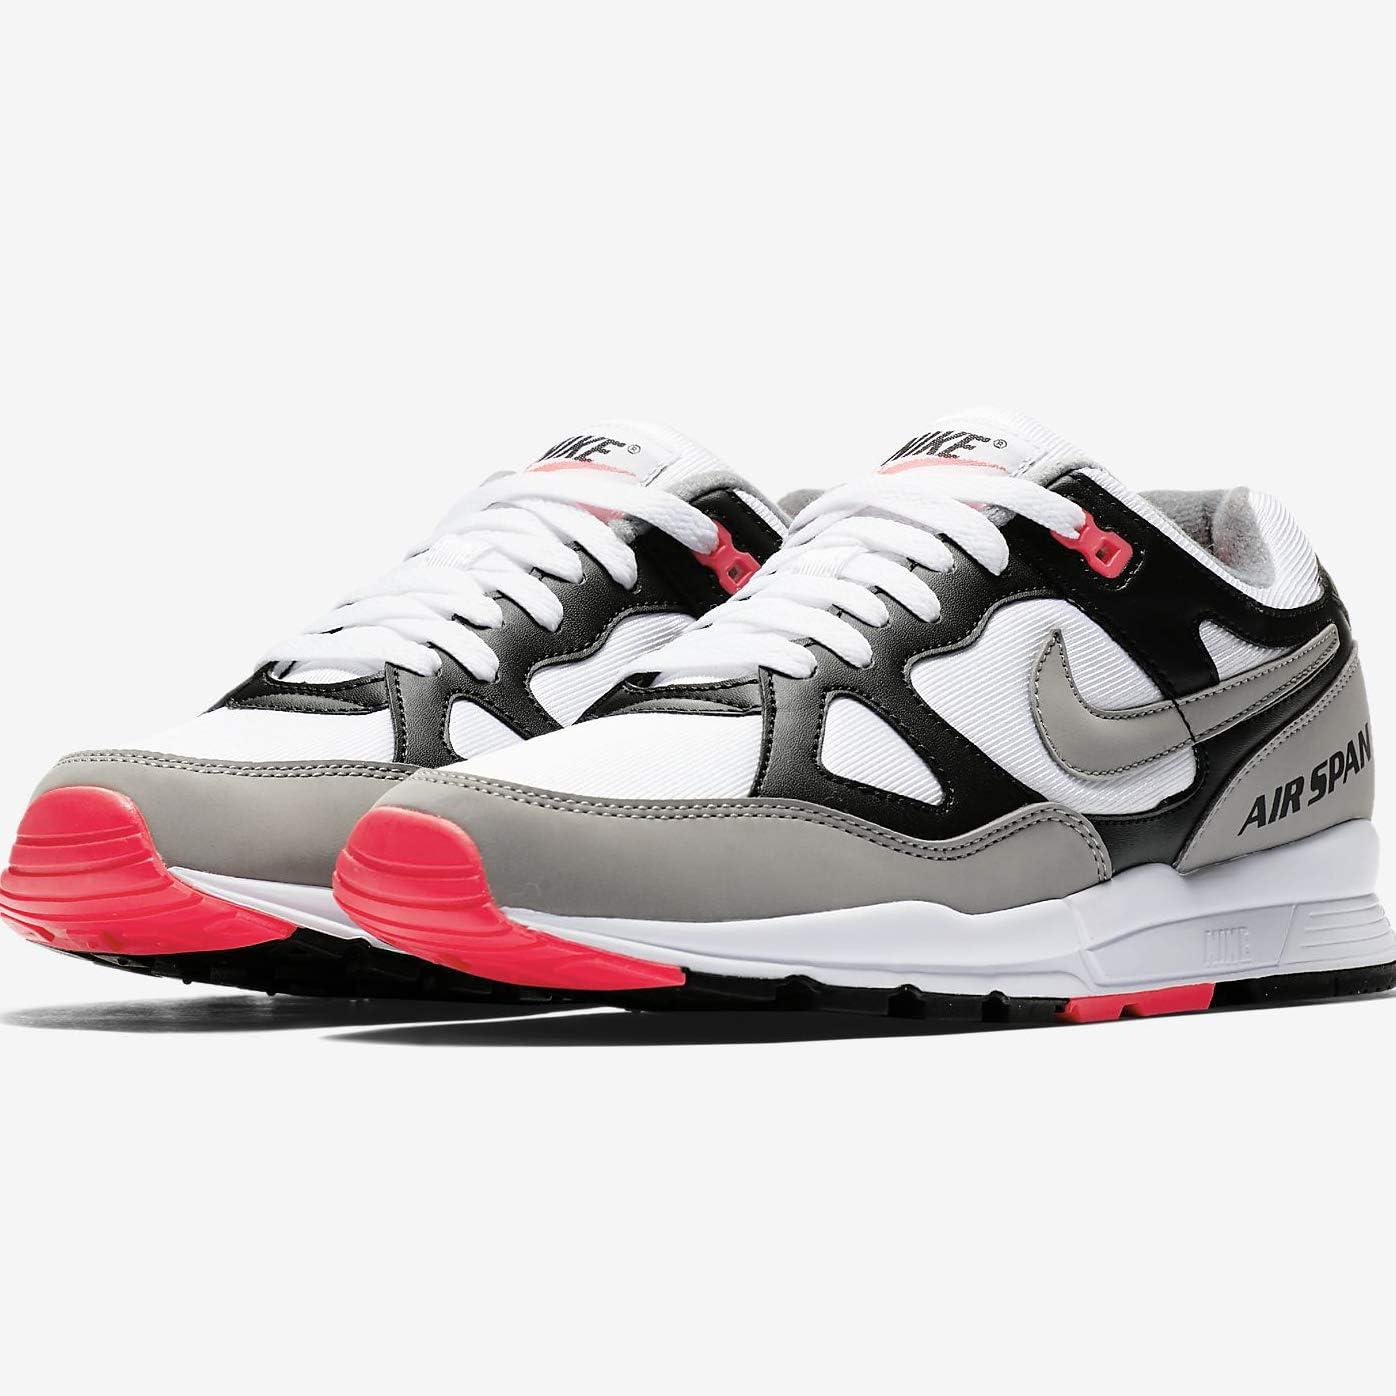 Amazon.co.jp: Nike AH6800-003 Air Span